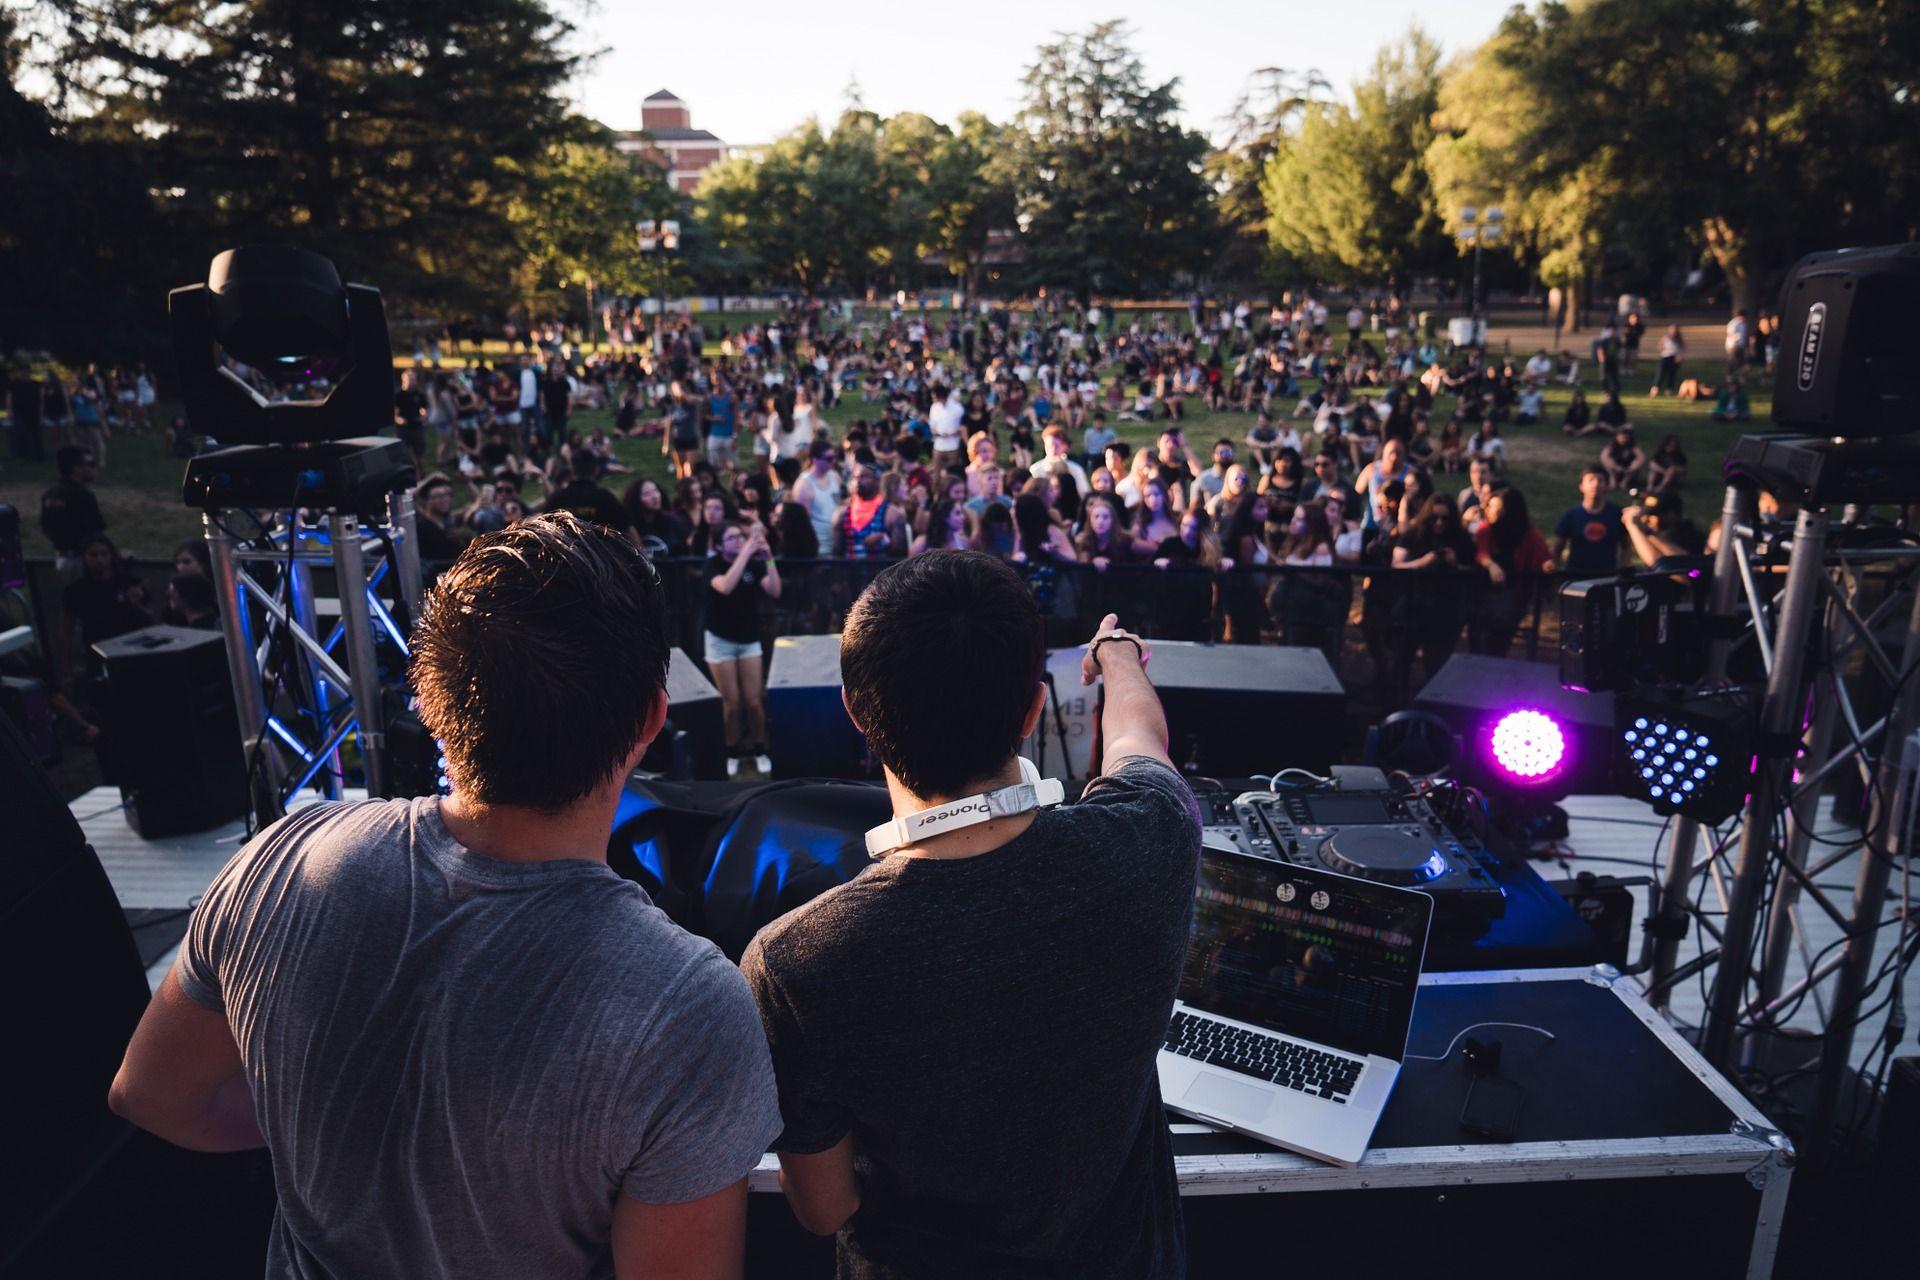 Фестиваль «Дикая Мята» отменили в ночь перед открытием